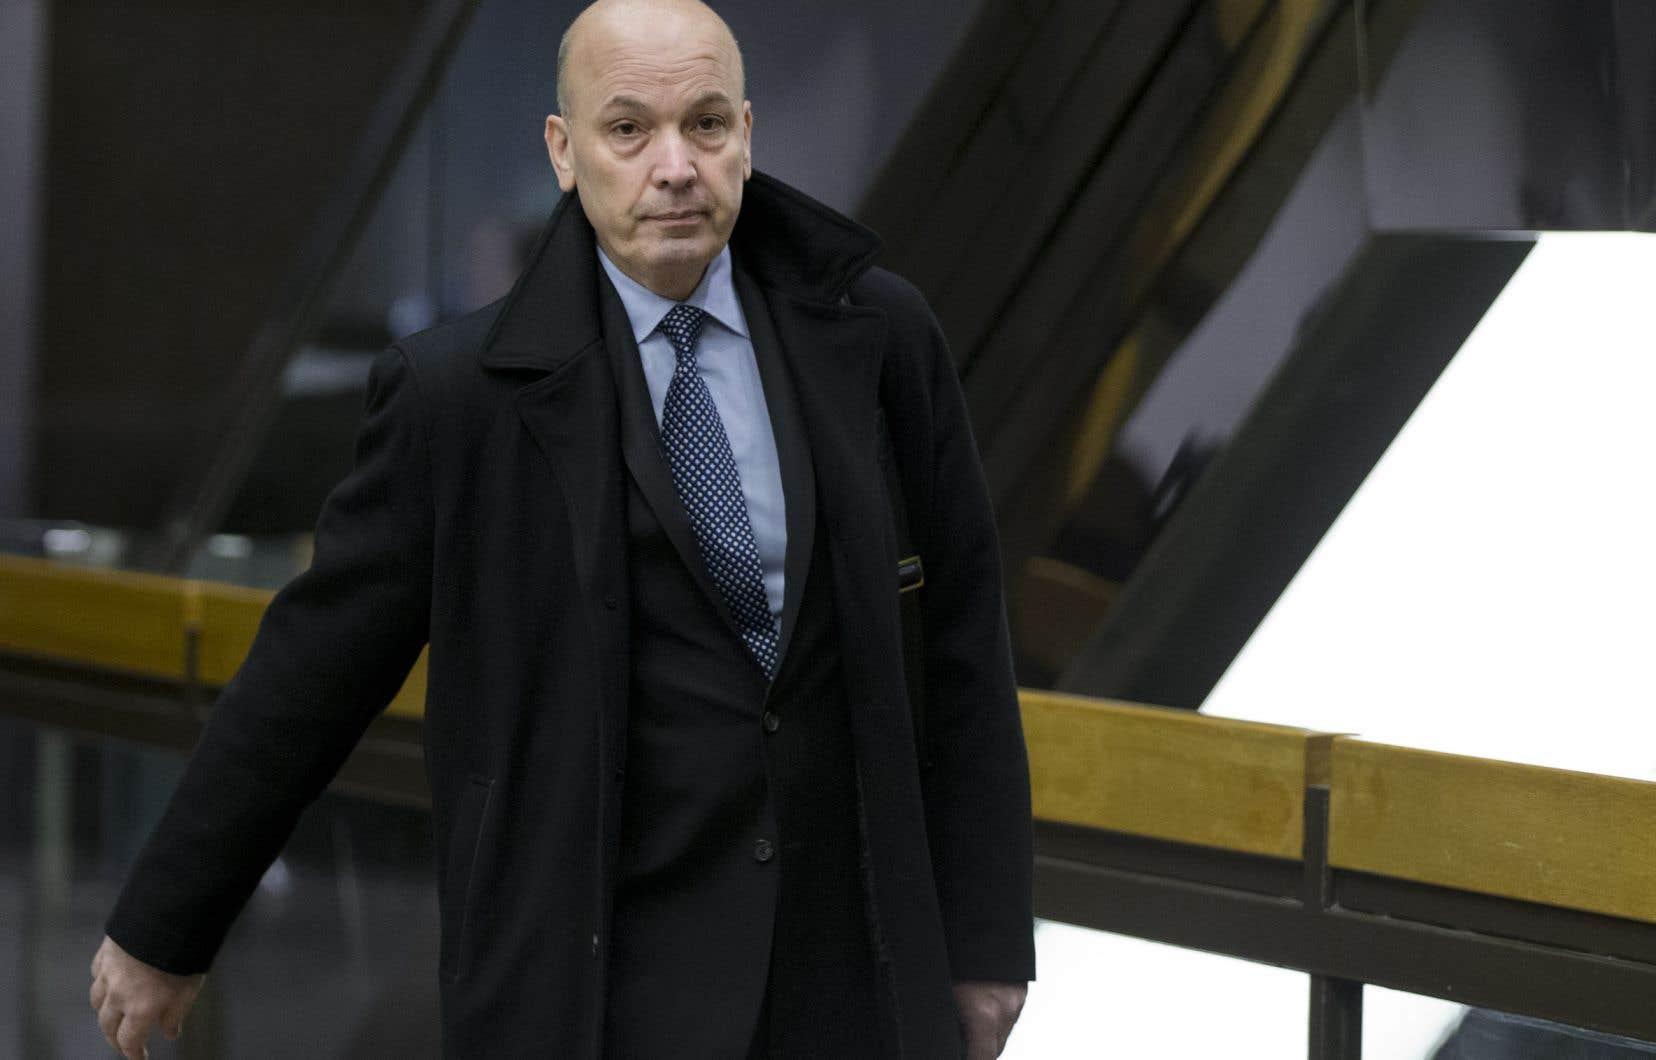 L'ancien président du comité exécutif de la Ville de Montréal Frank Zampino fait face à des accusations de fraude, de complot et d'abus de confiance.